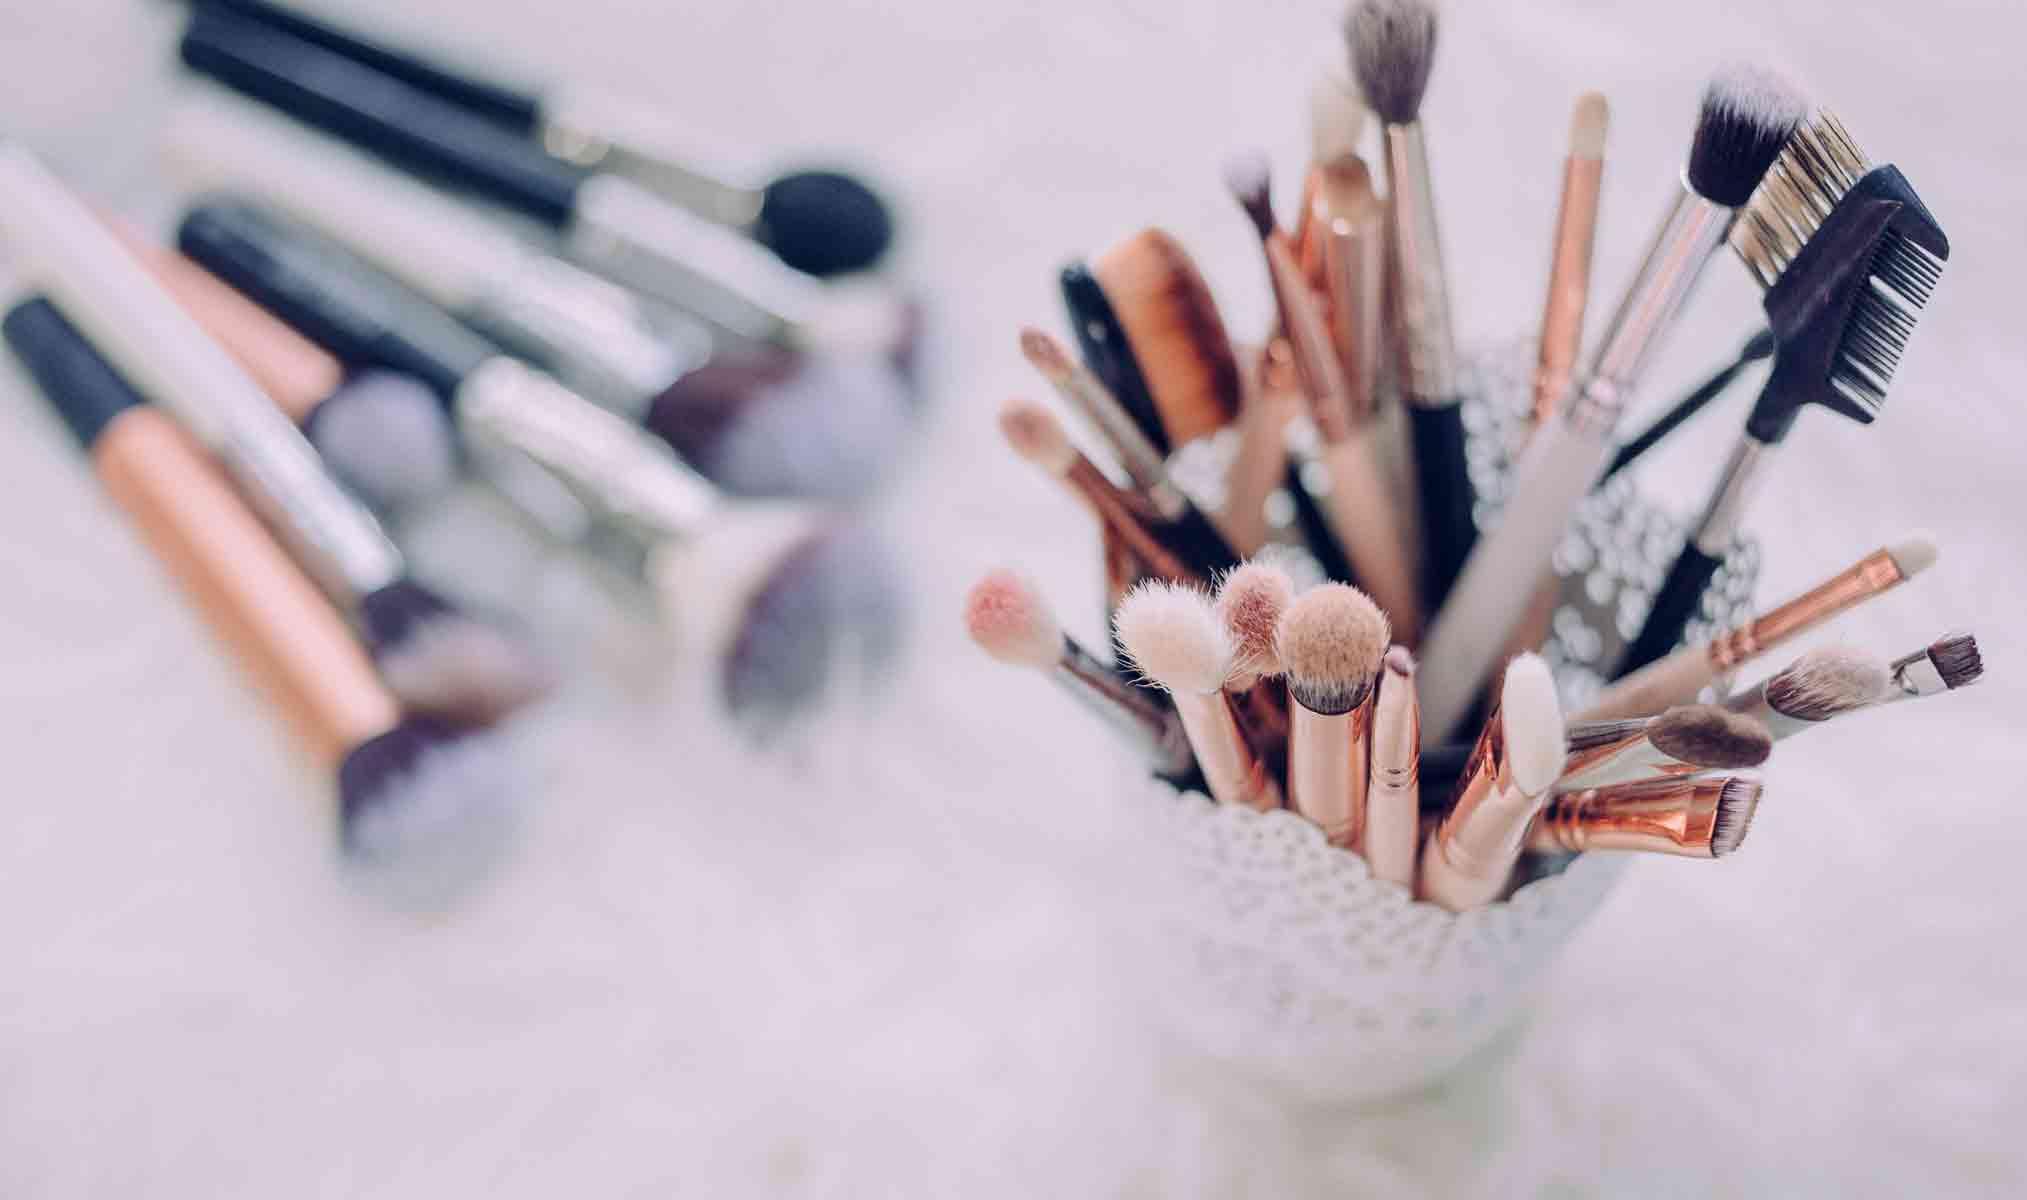 zbiór pędzli i szczotek do makijażu używanych przy charakteryzacji